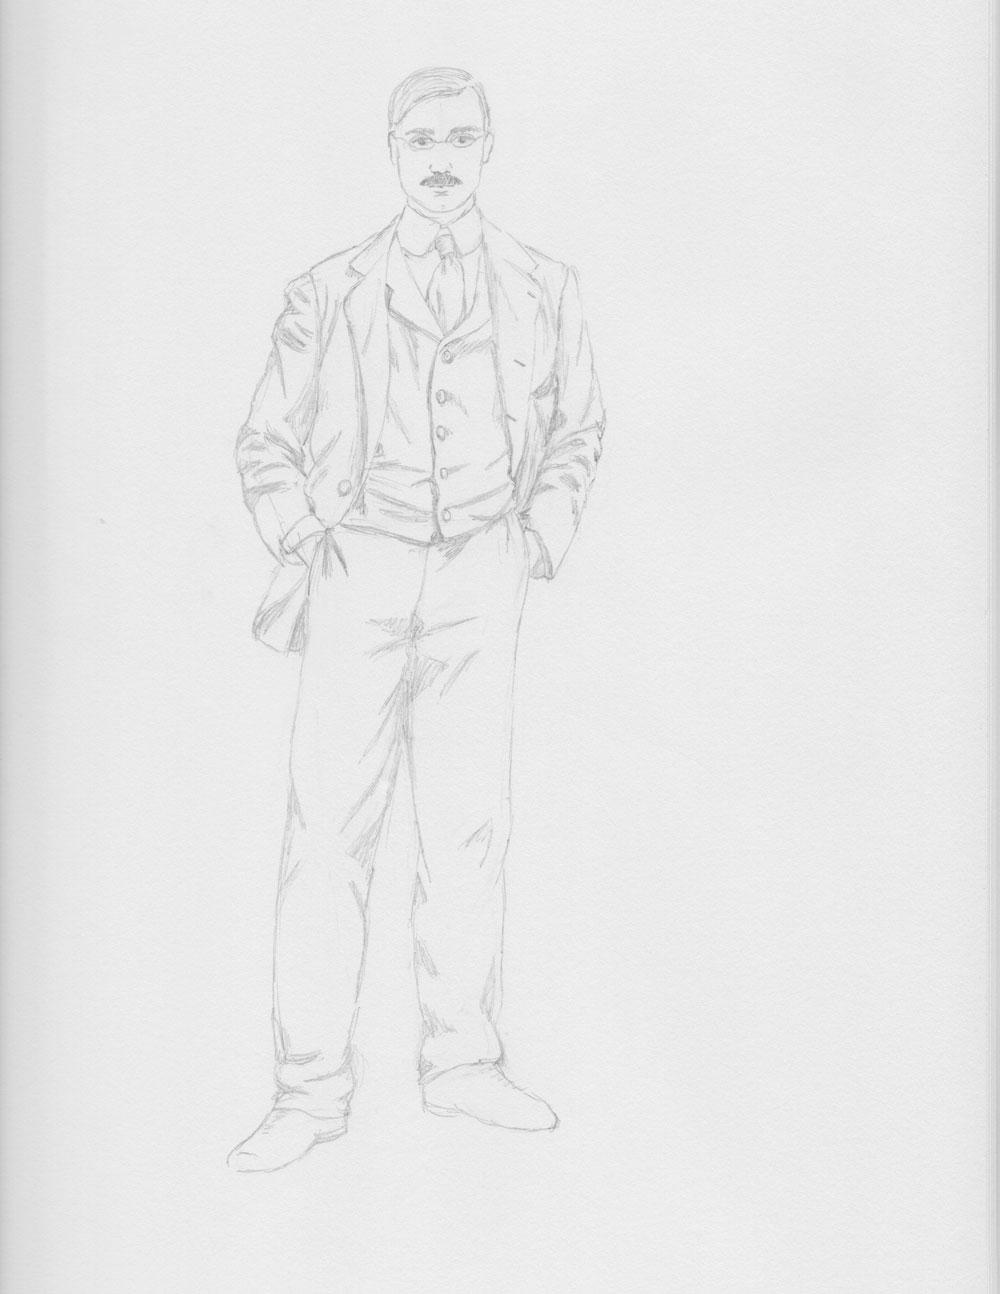 m4-char-sketch.jpg